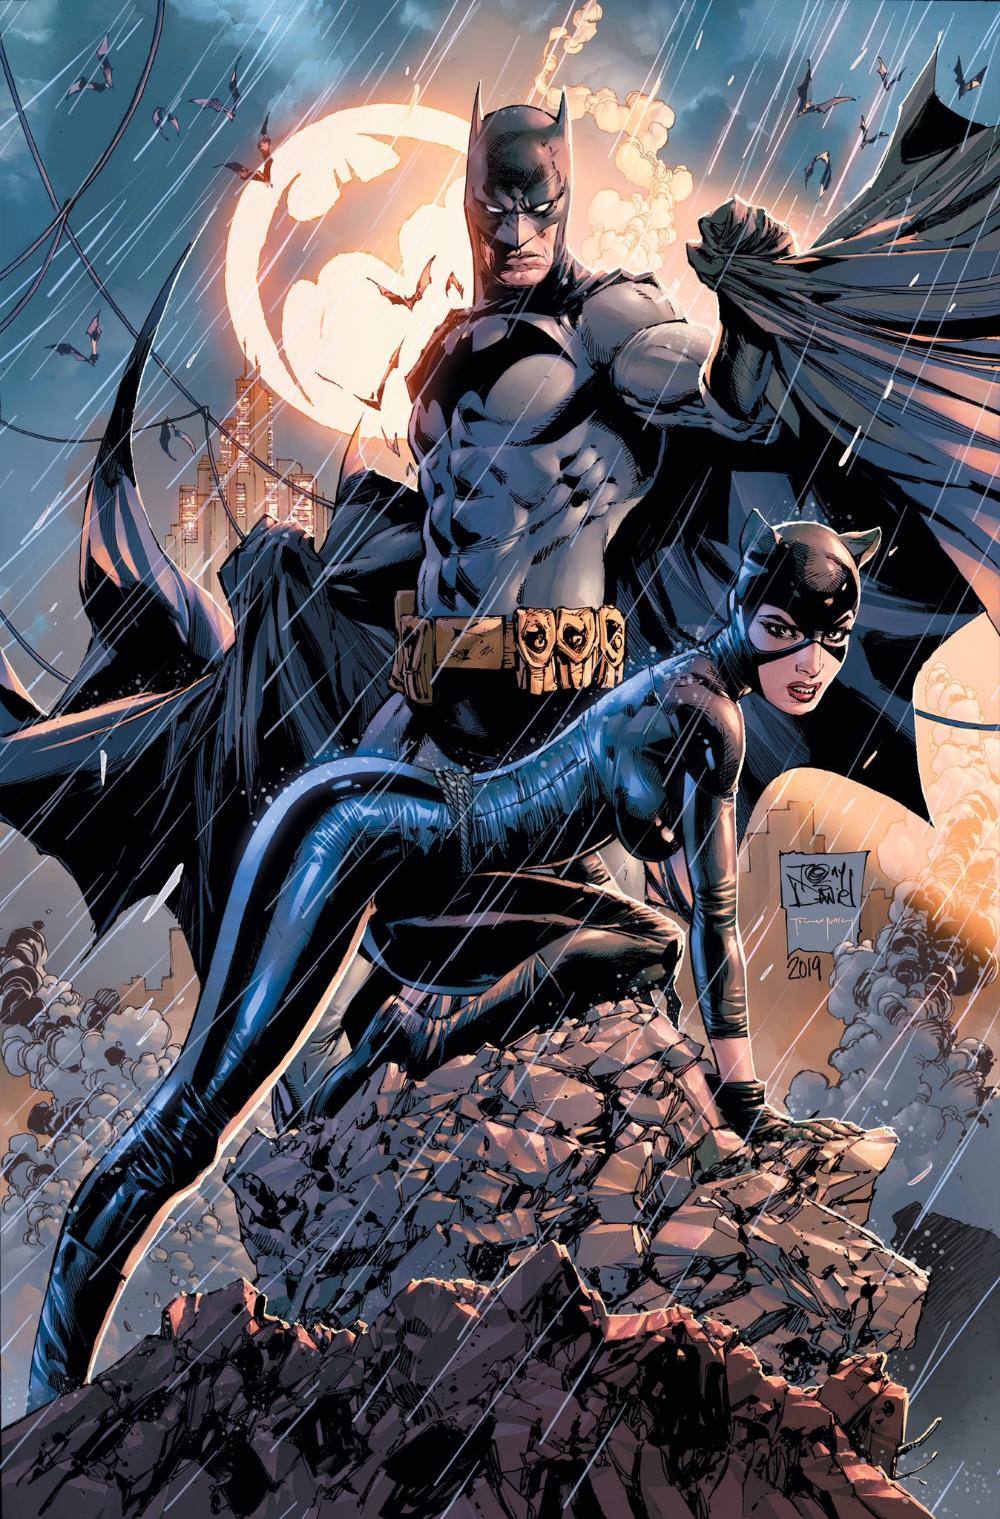 Batman Catwoman | Batman plakat, Dc comics art, Comic